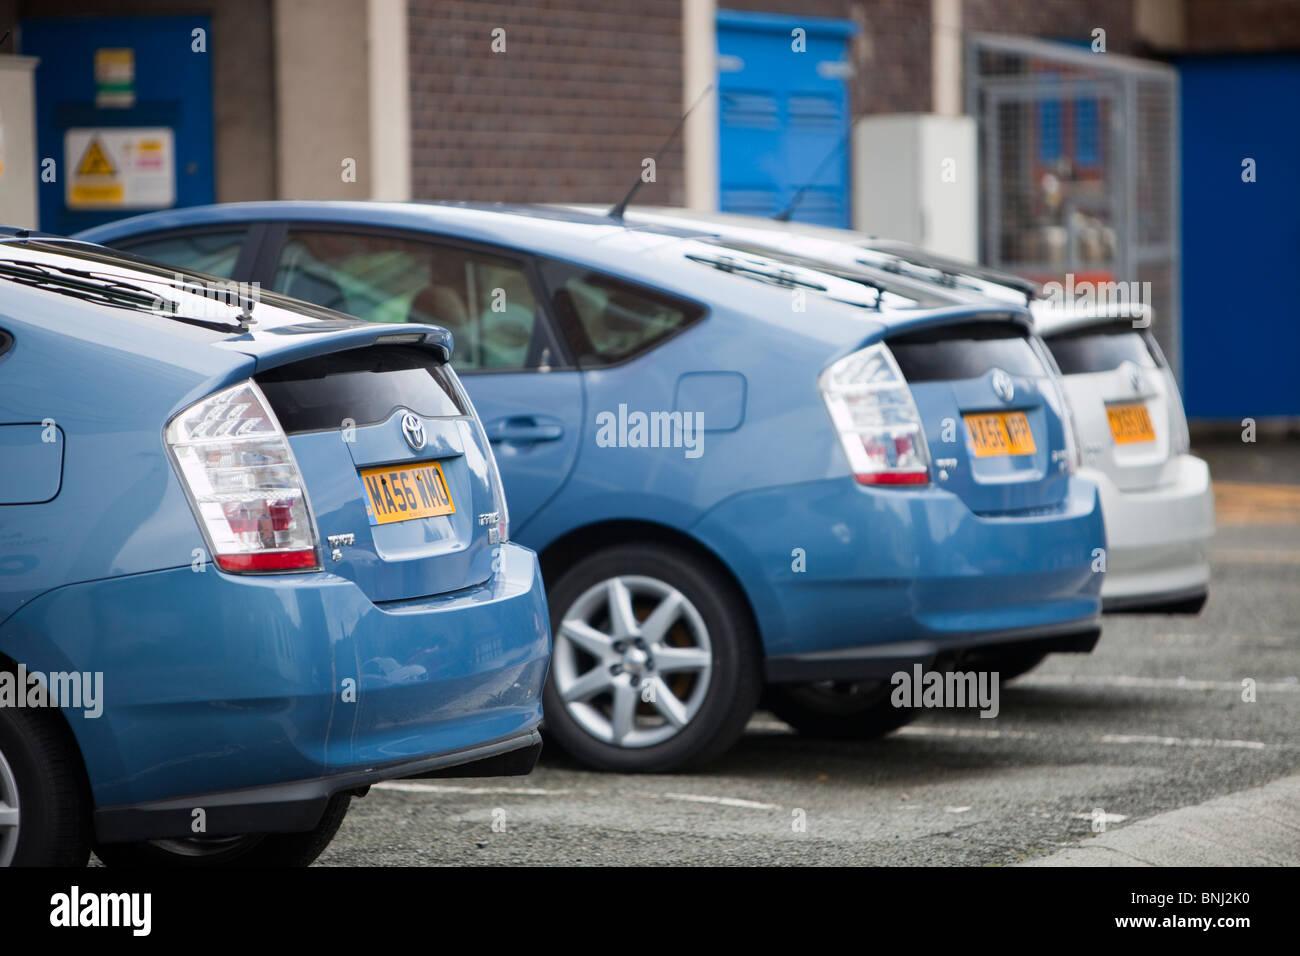 Tres Toyota Hybrid Synergy Drive coches eléctricos en los terrenos de la Universidad de Bangor, en el norte Imagen De Stock